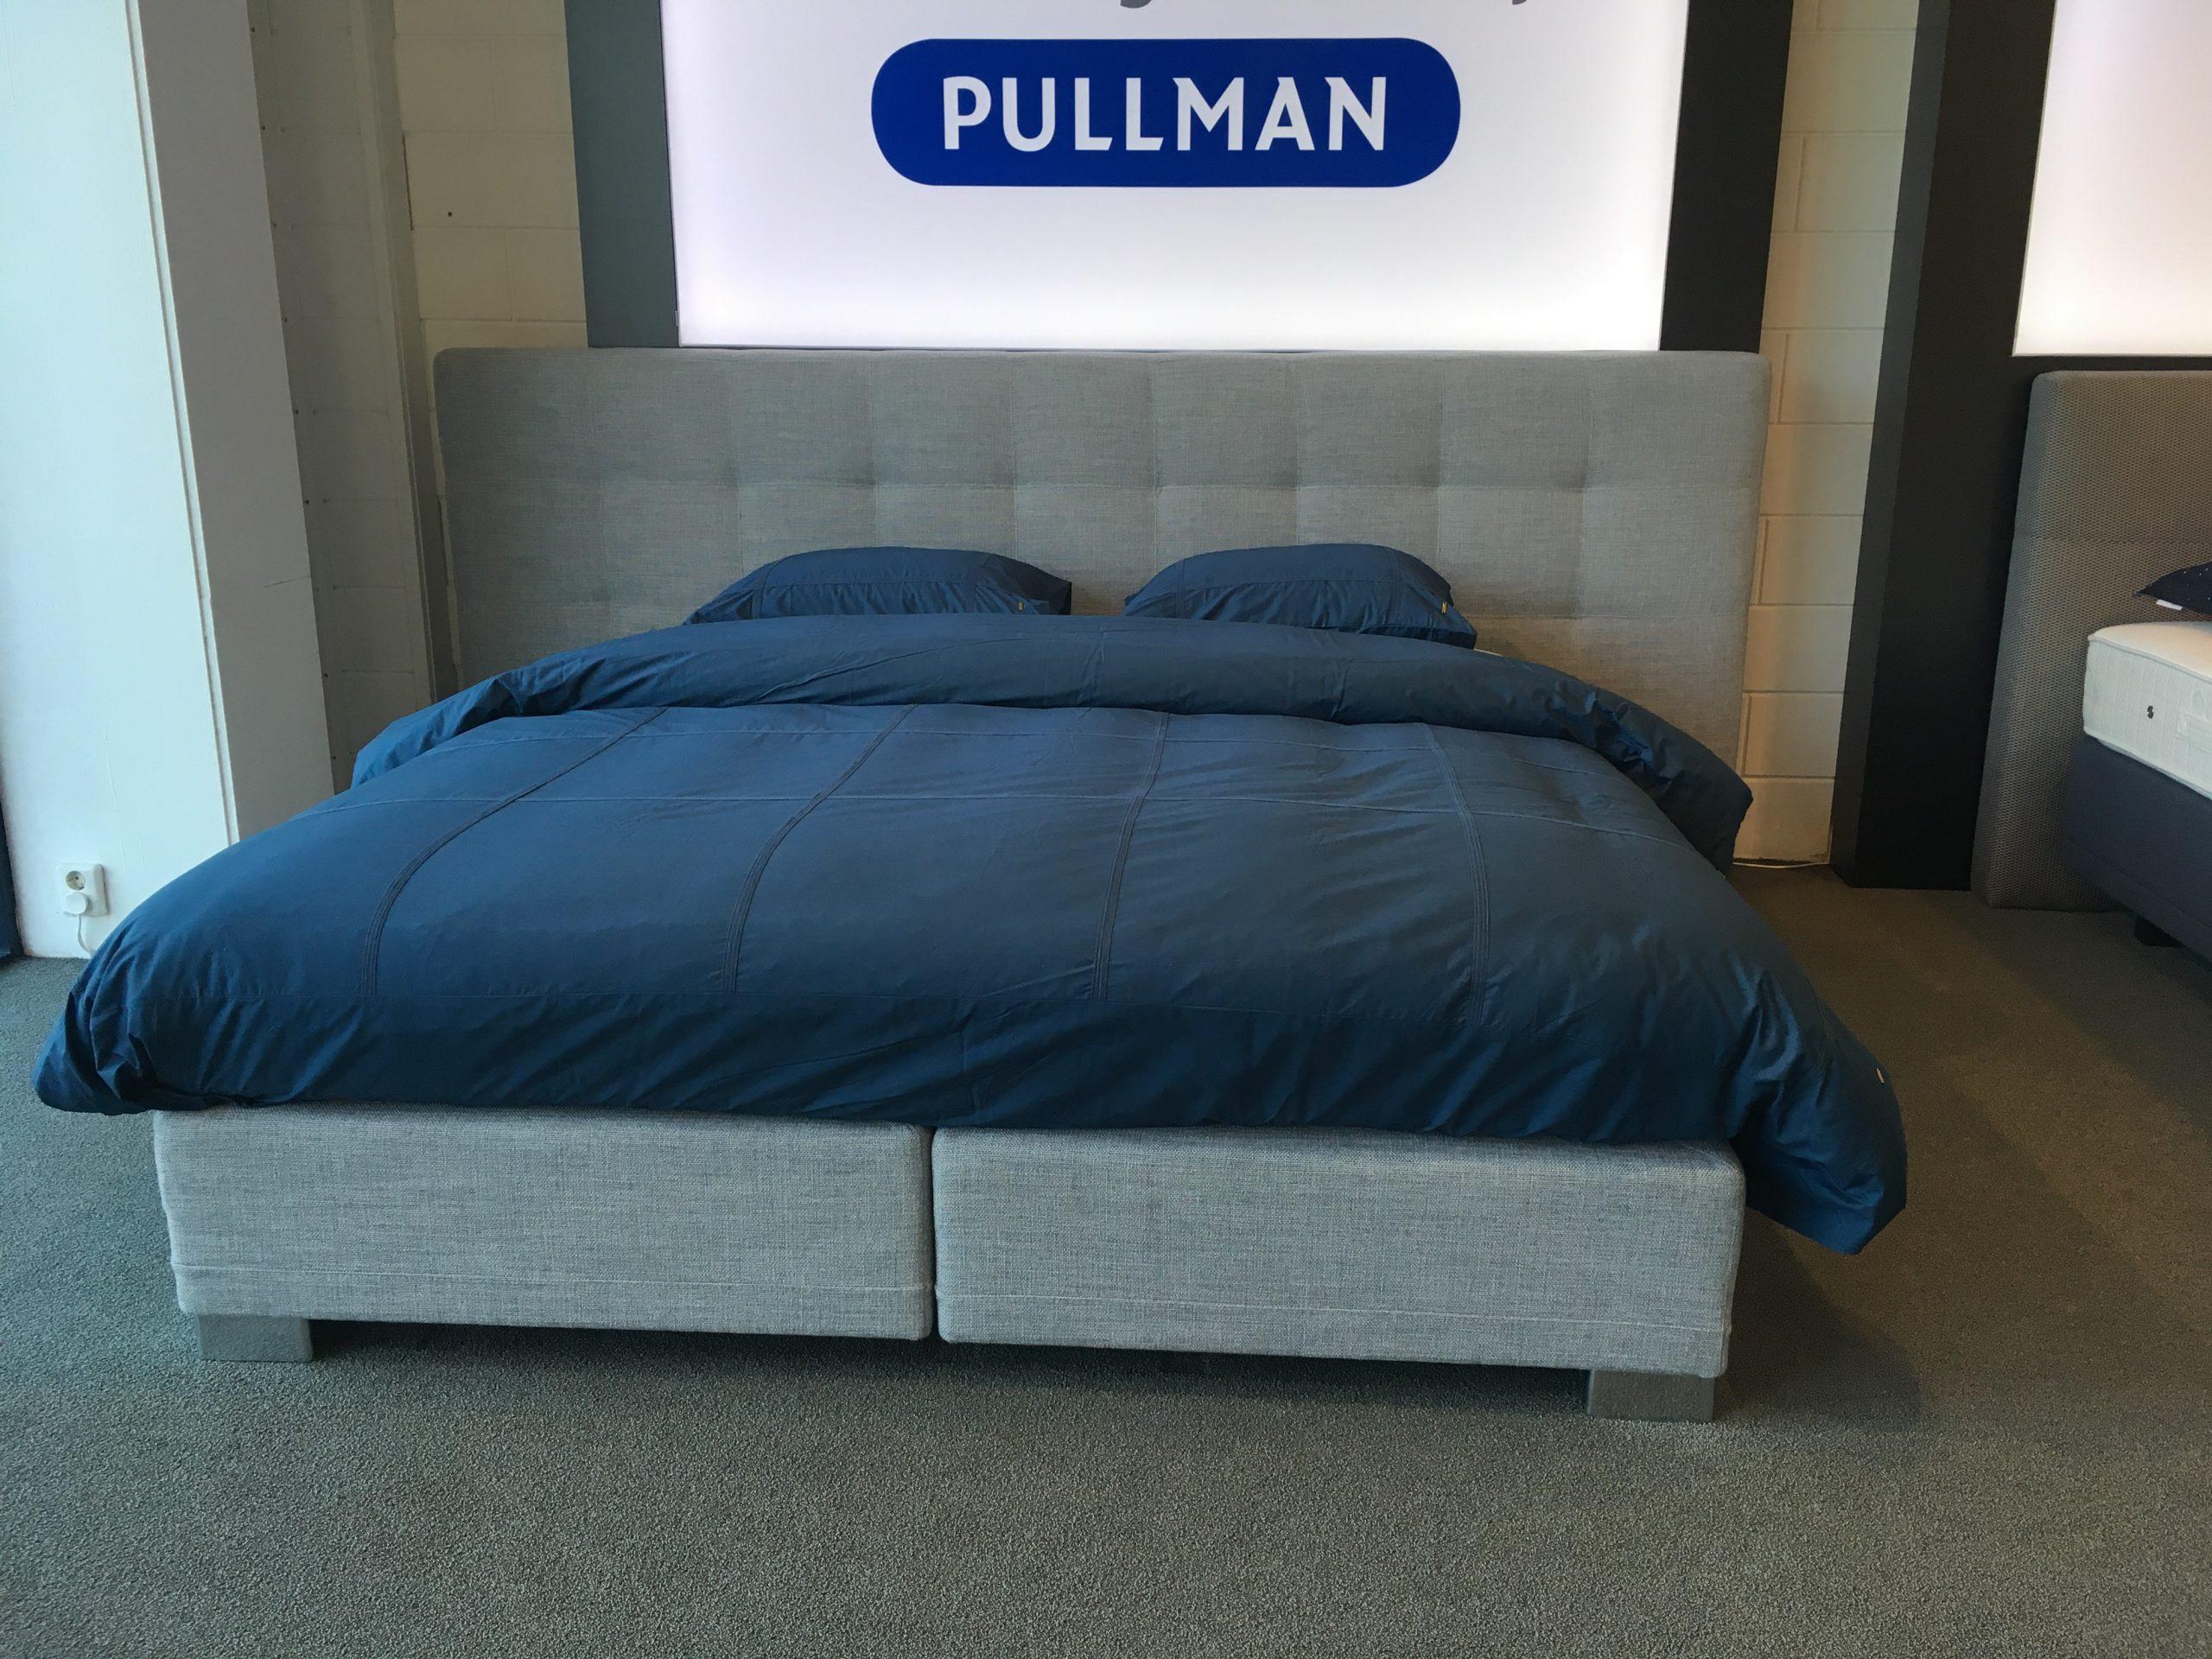 pullman-boxspring-showroommodel-nico-van-de-nes-langedijk